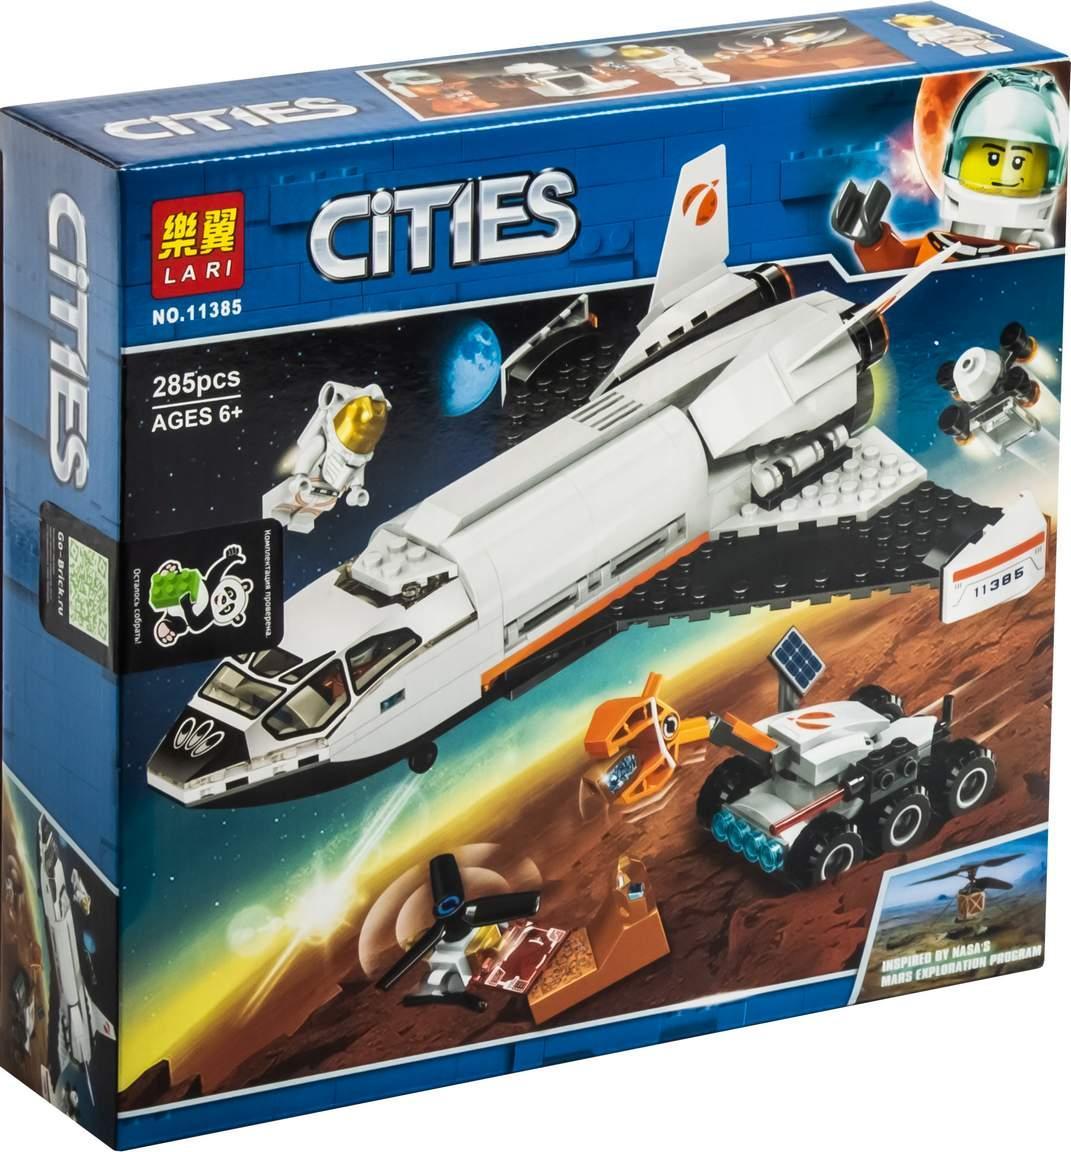 Lari Cities 11385 Конструктор Шаттл для исследований Марса, 285 деталей (Аналог LEGO 60226)